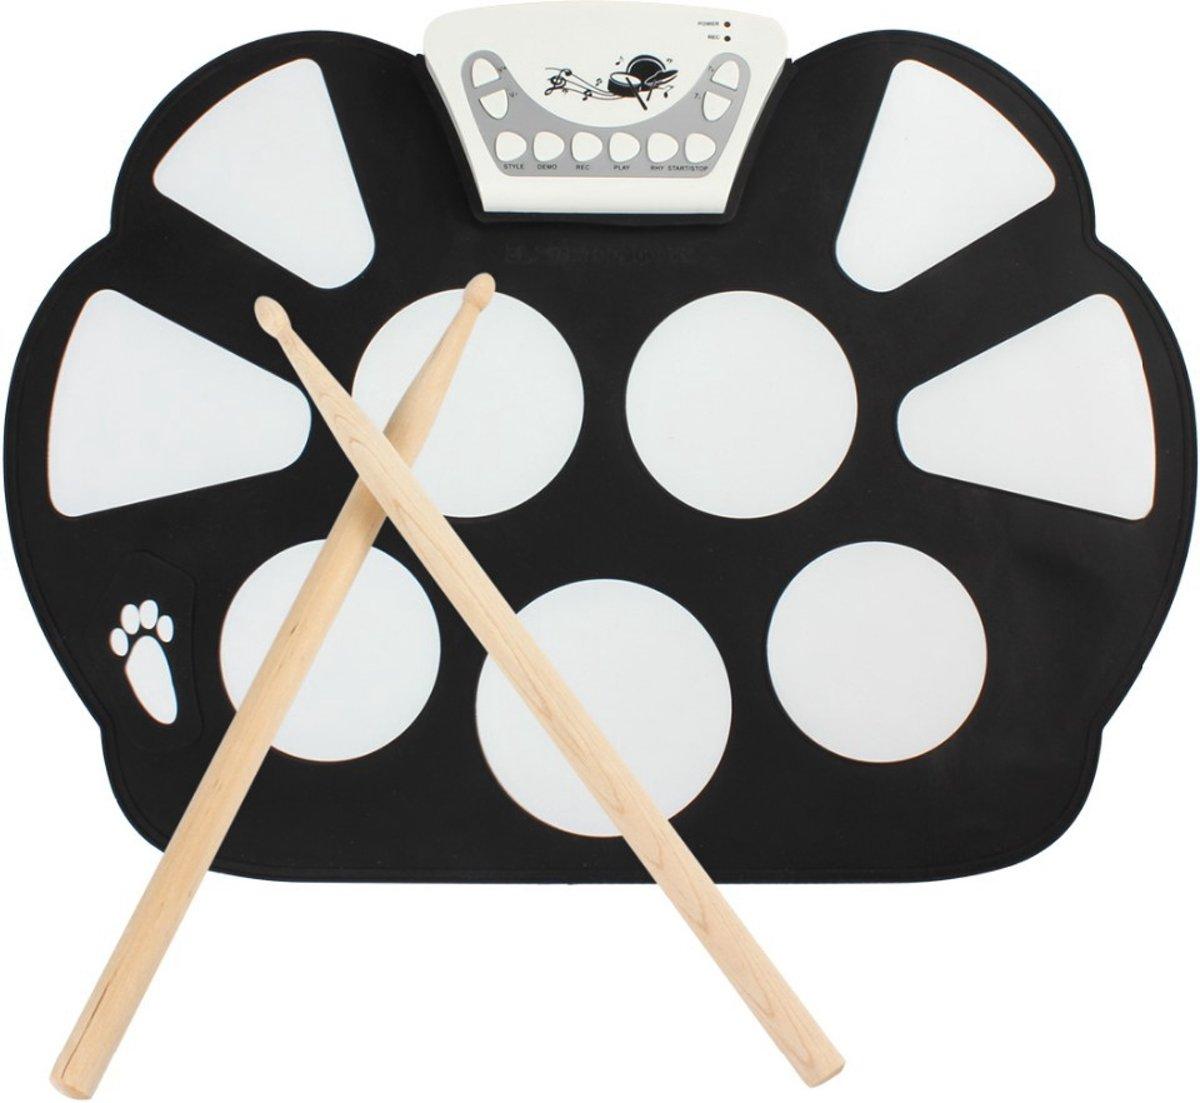 bol.com | Opvouwbaar Elektrisch Drumstel - Roll Up Drum Mat & Sticks ...